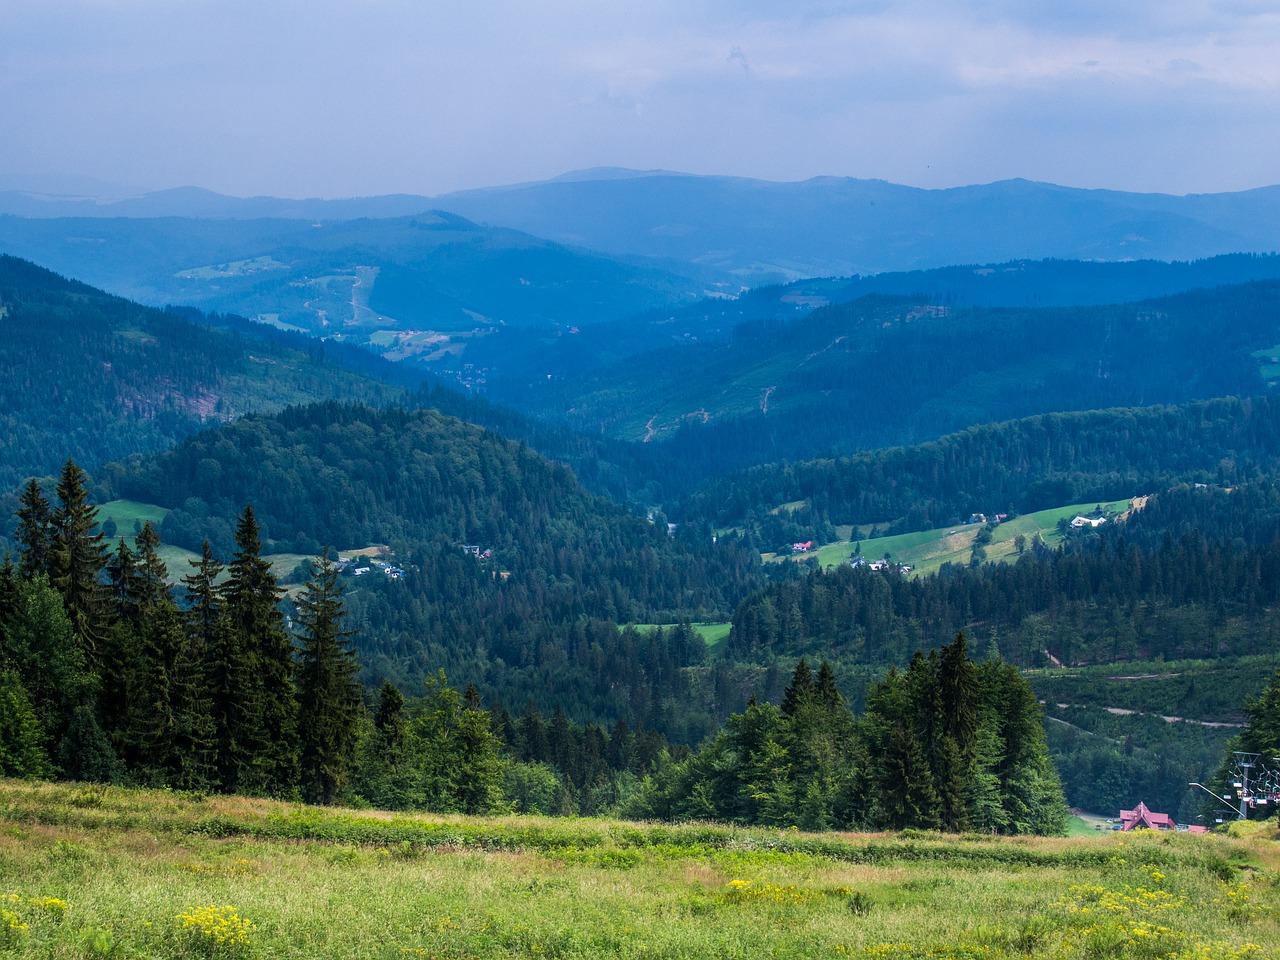 Atrakcje i szlaki turystyczne południowej Polski. Szlaki turystyczne w pobliżu Wisły